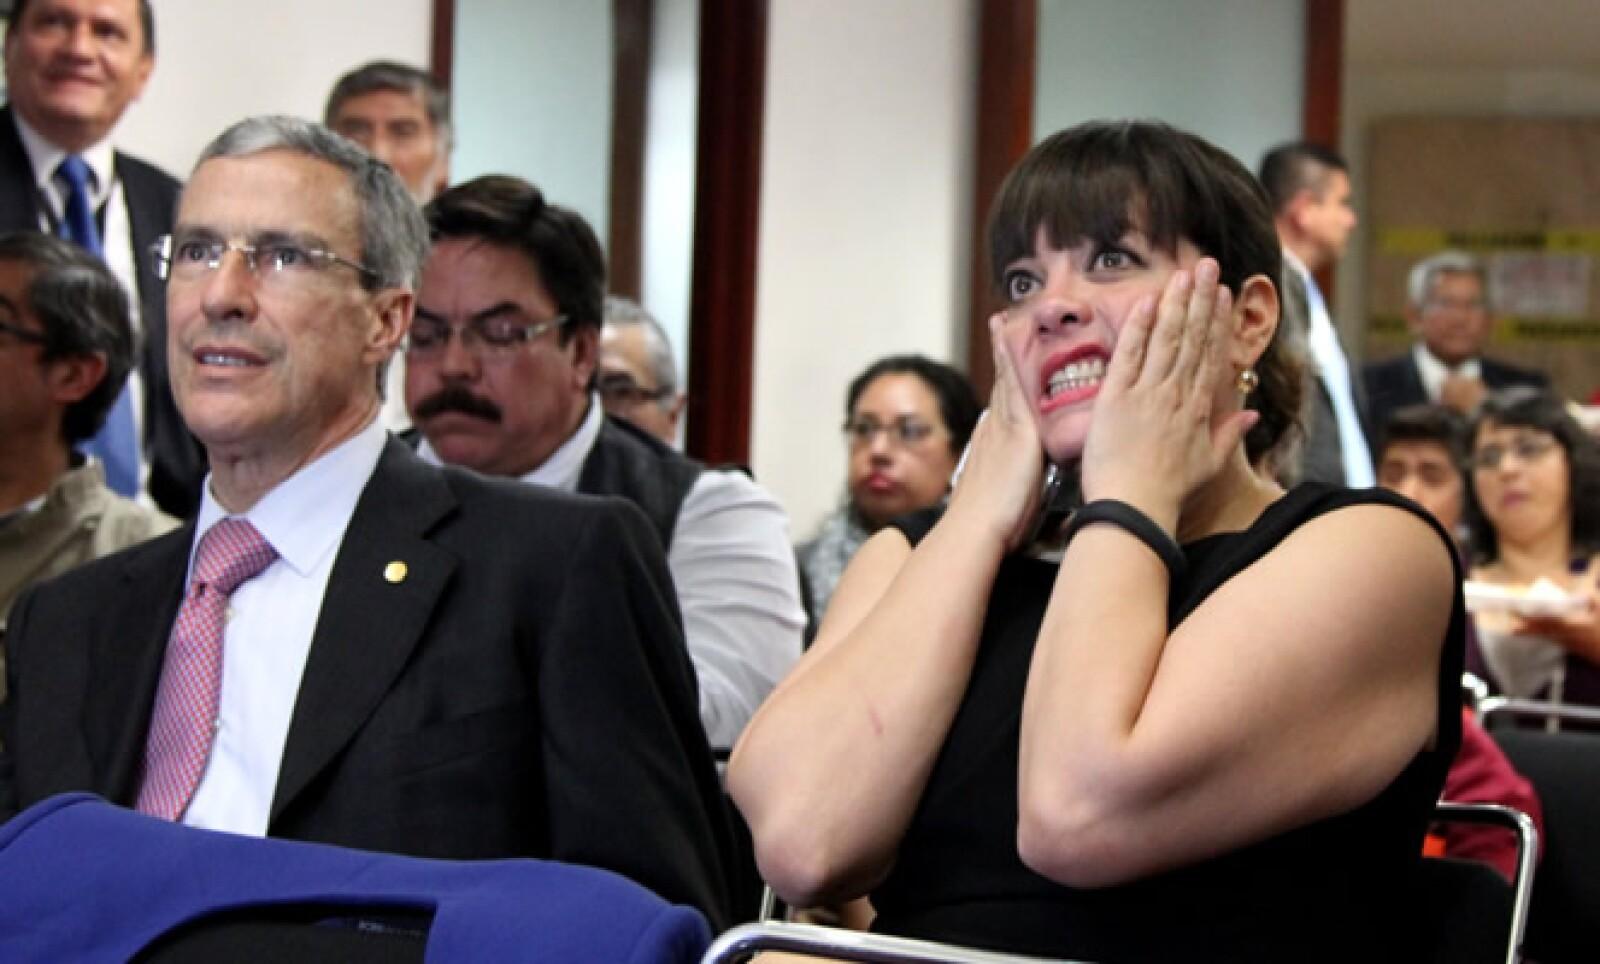 La legisladora Lilia Aguilar, vicecoordinadora del Partido del Trabajo, expresó así su emoción durante la actuación del Tricolor.